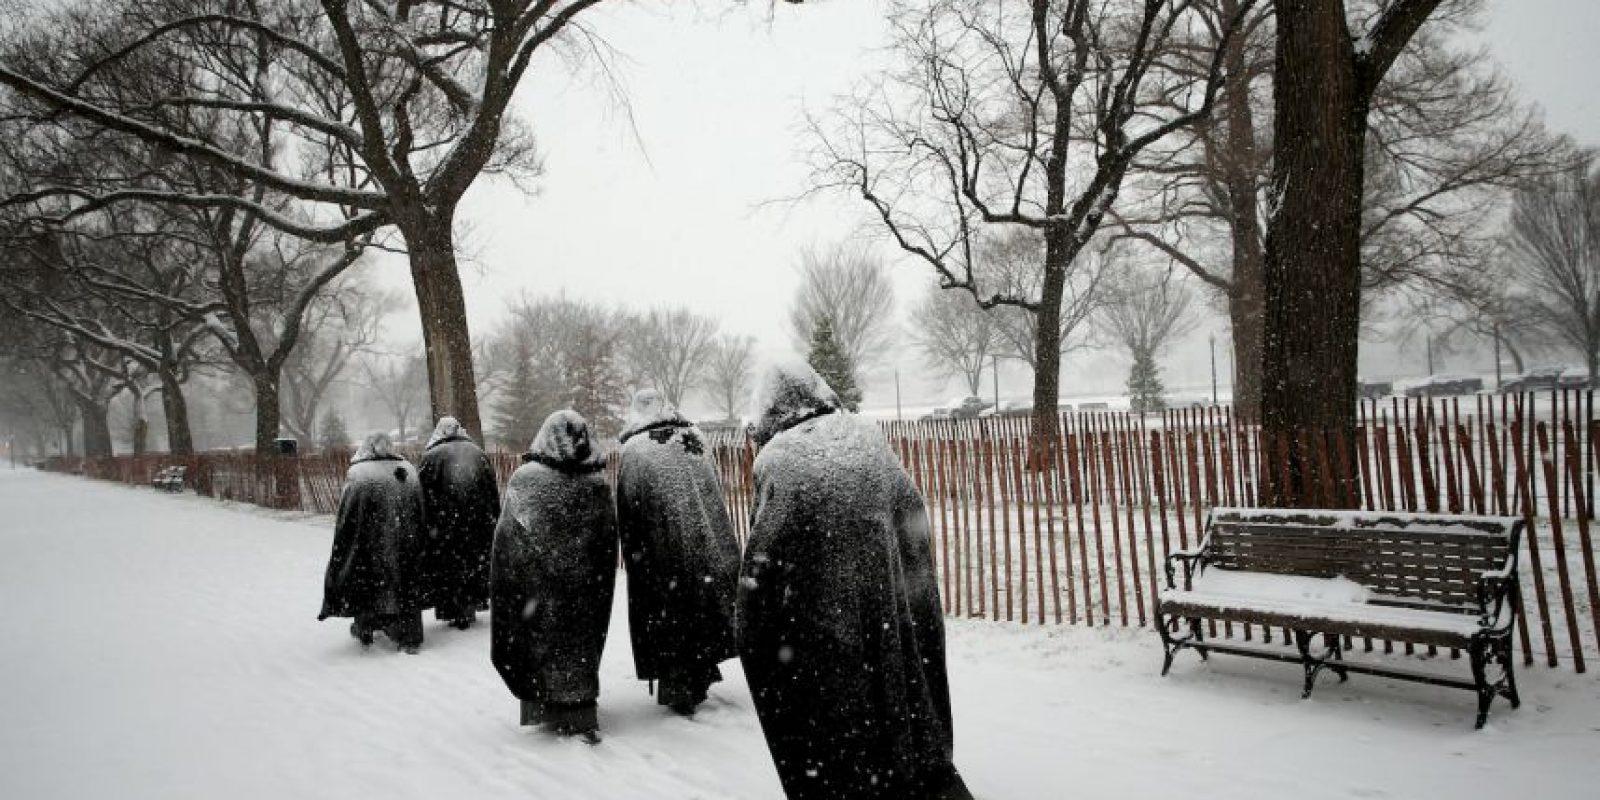 Se espera que haya acumulaciones de nieve de hasta 45 centímetros (1 pie con 5 pulgadas) Foto:Getty Images. Imagen Por: